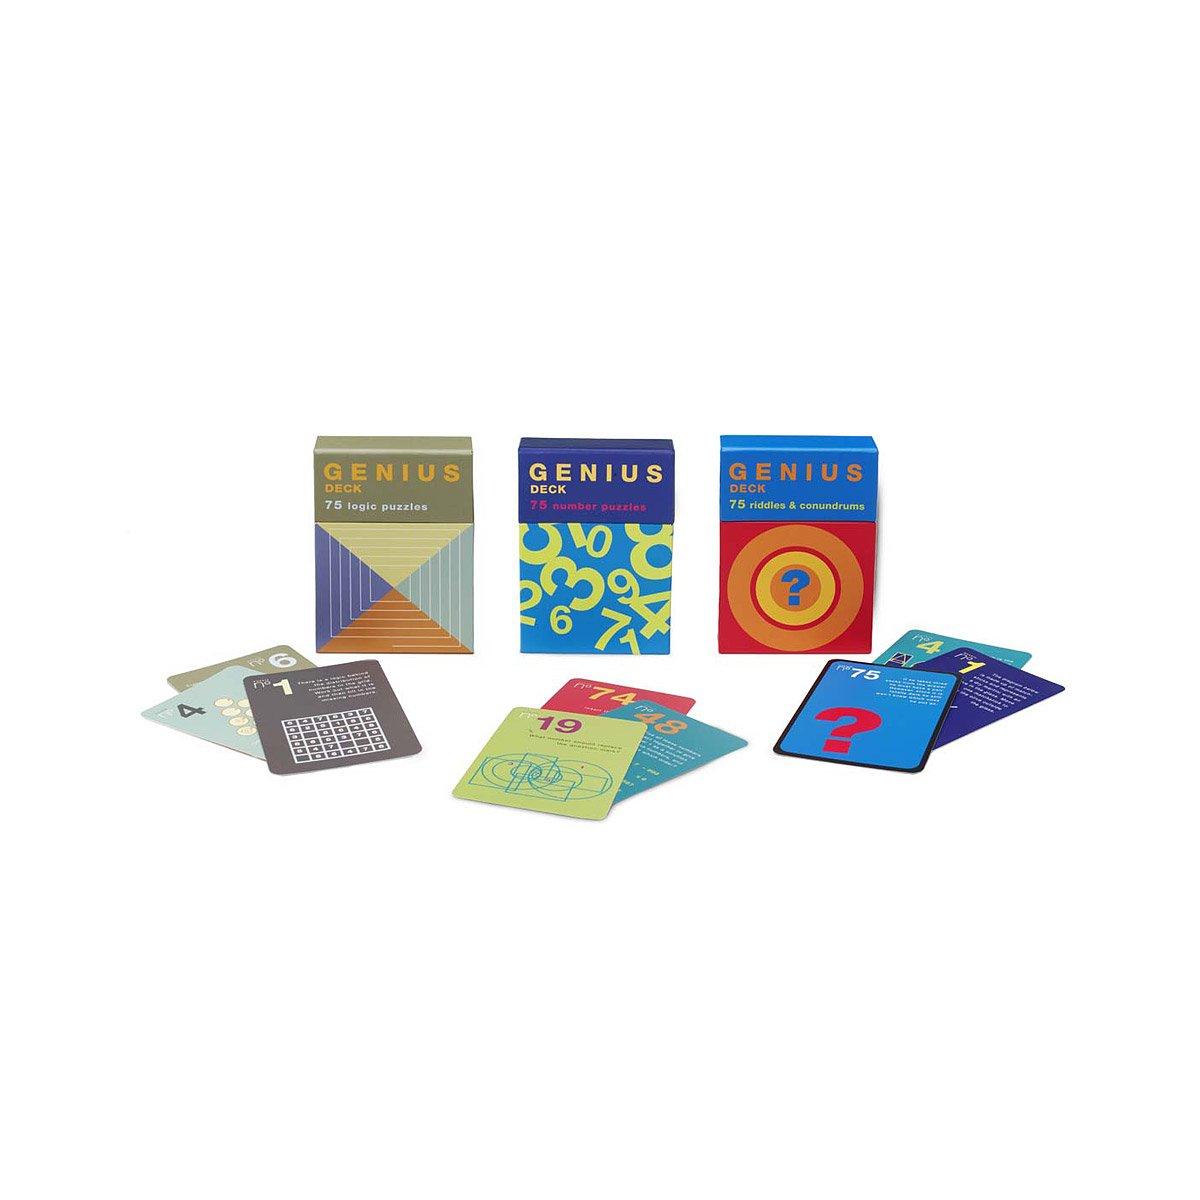 Genius Decks | Genius Decks Riddles and Logic Puzzles Exercise the